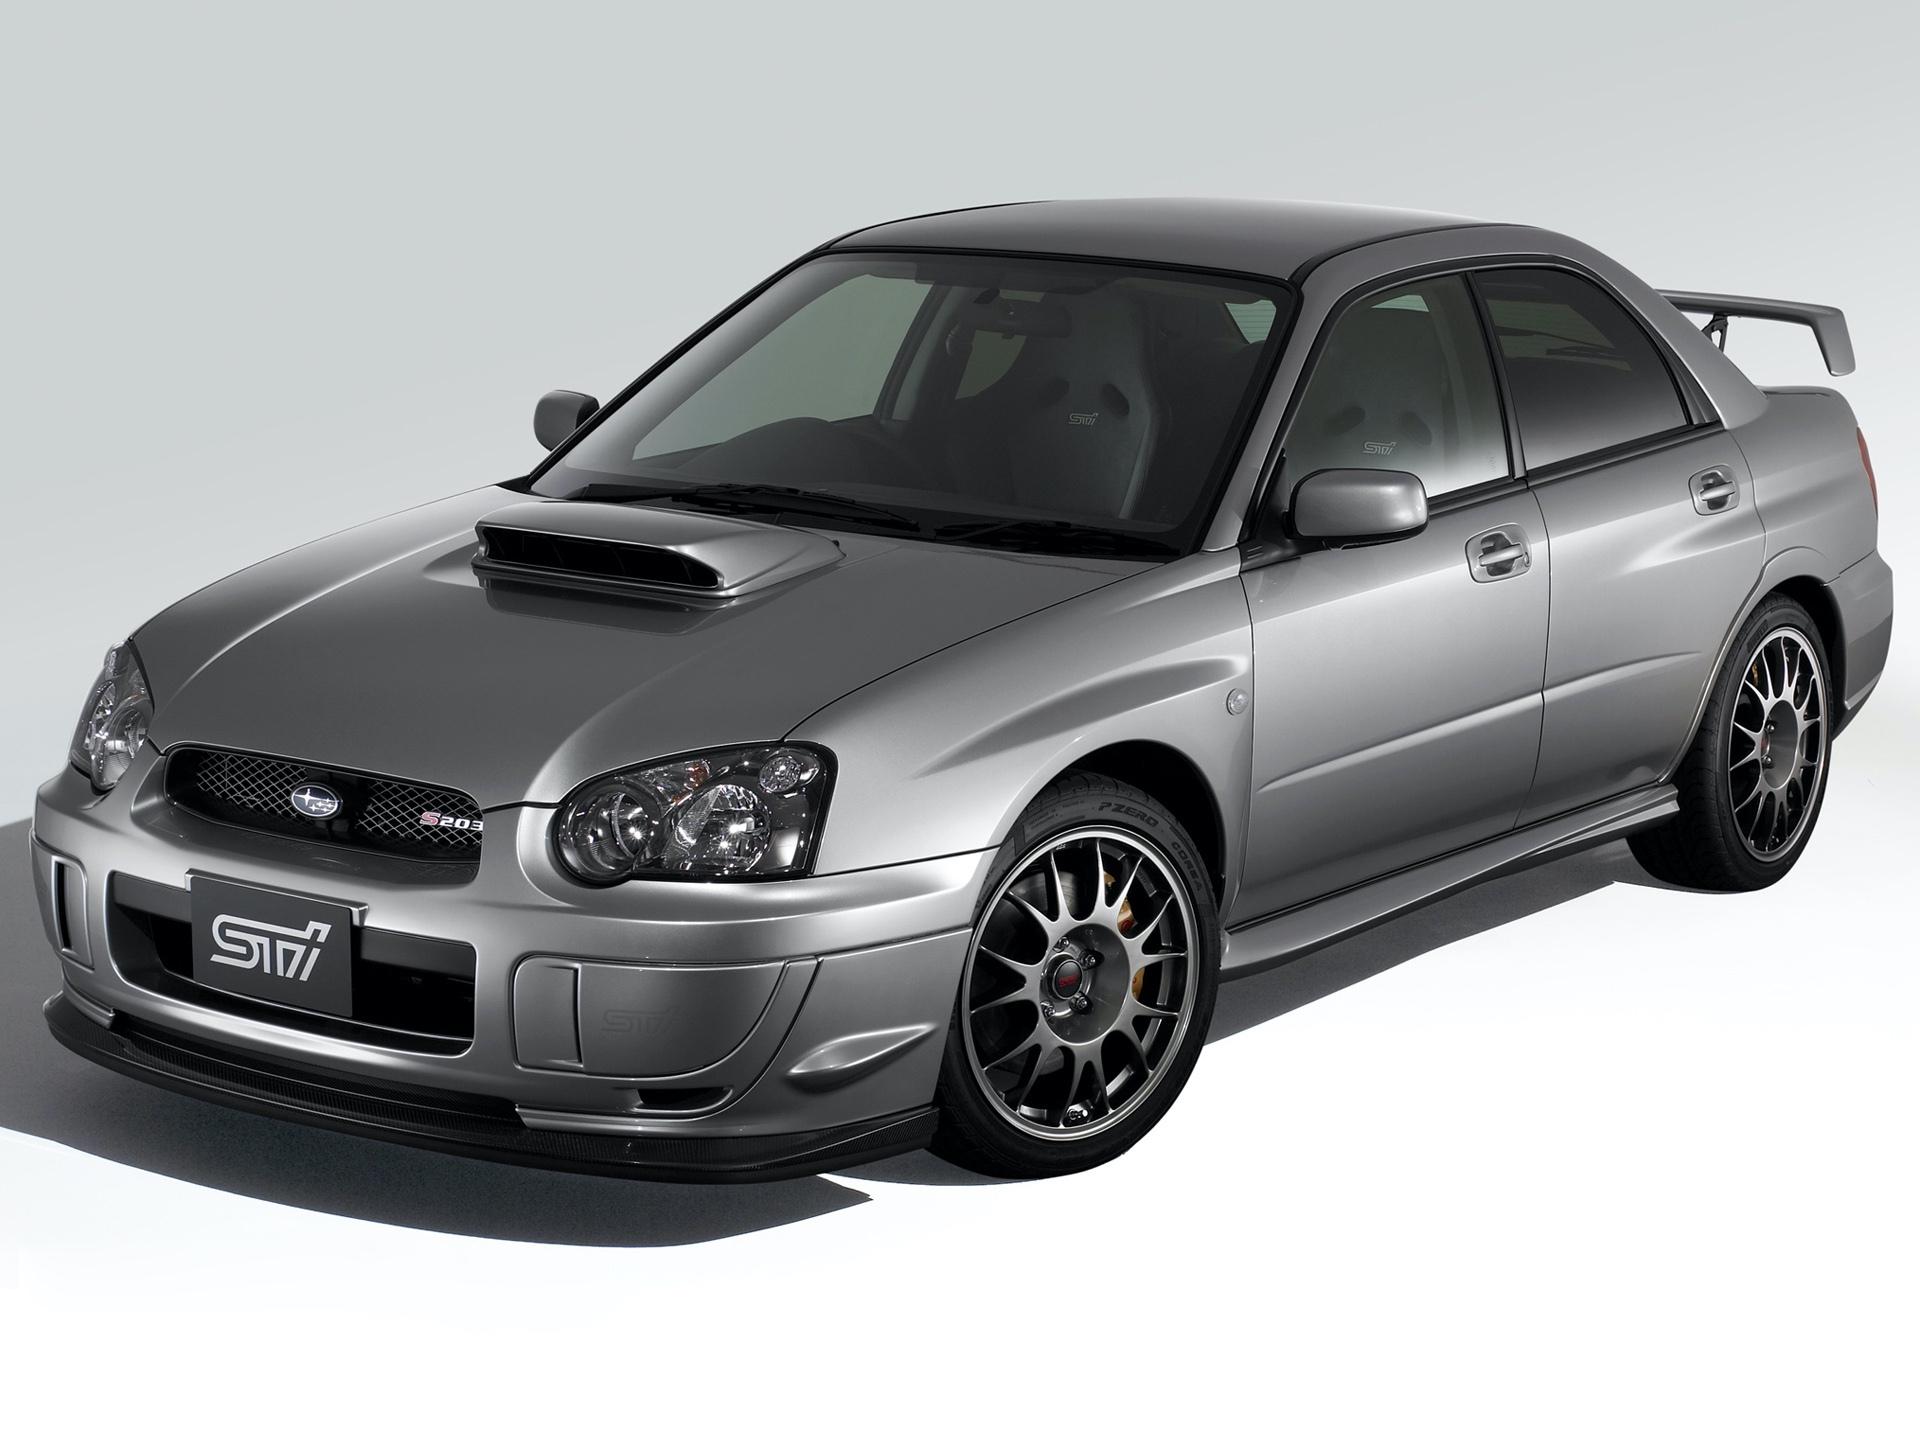 Subaru_Impreza_STI_S203_0001